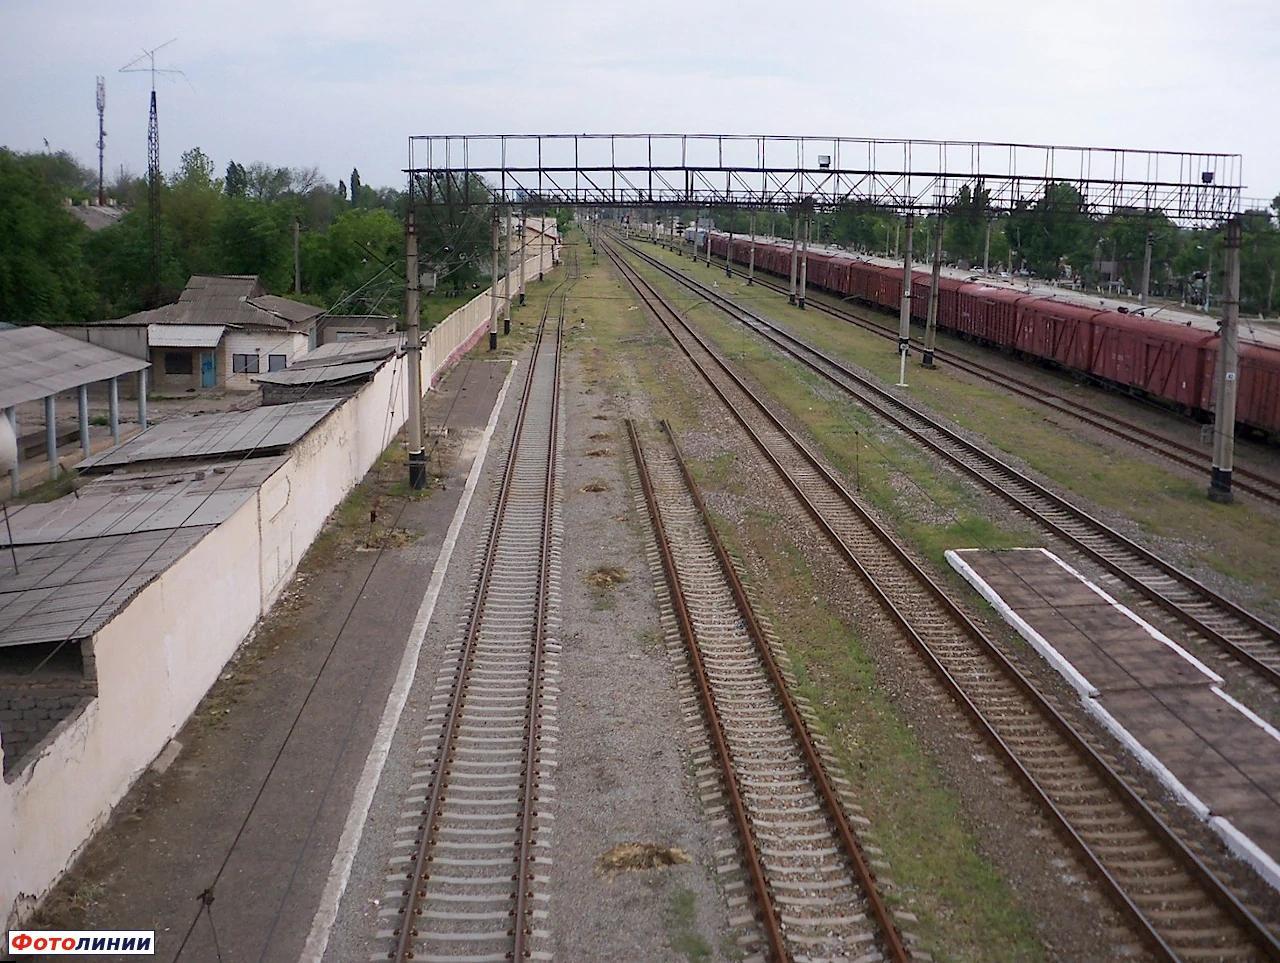 станция хаваст узбекистан фотографии стороны